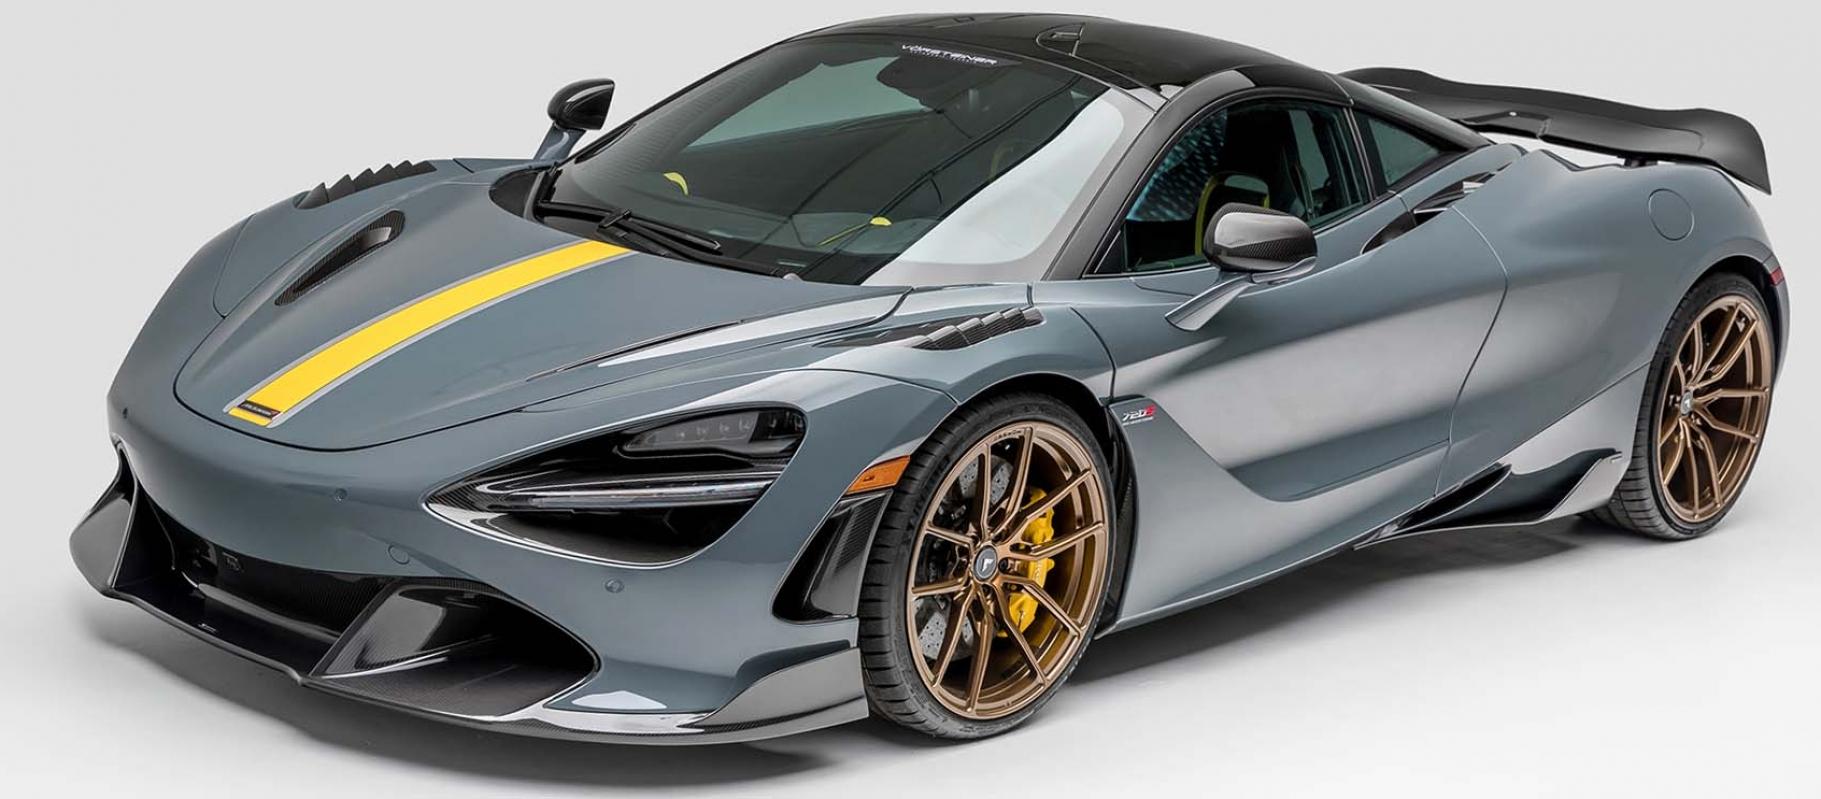 McLaren Aero Speciality Car Exteriors - Vorsteiner Aero